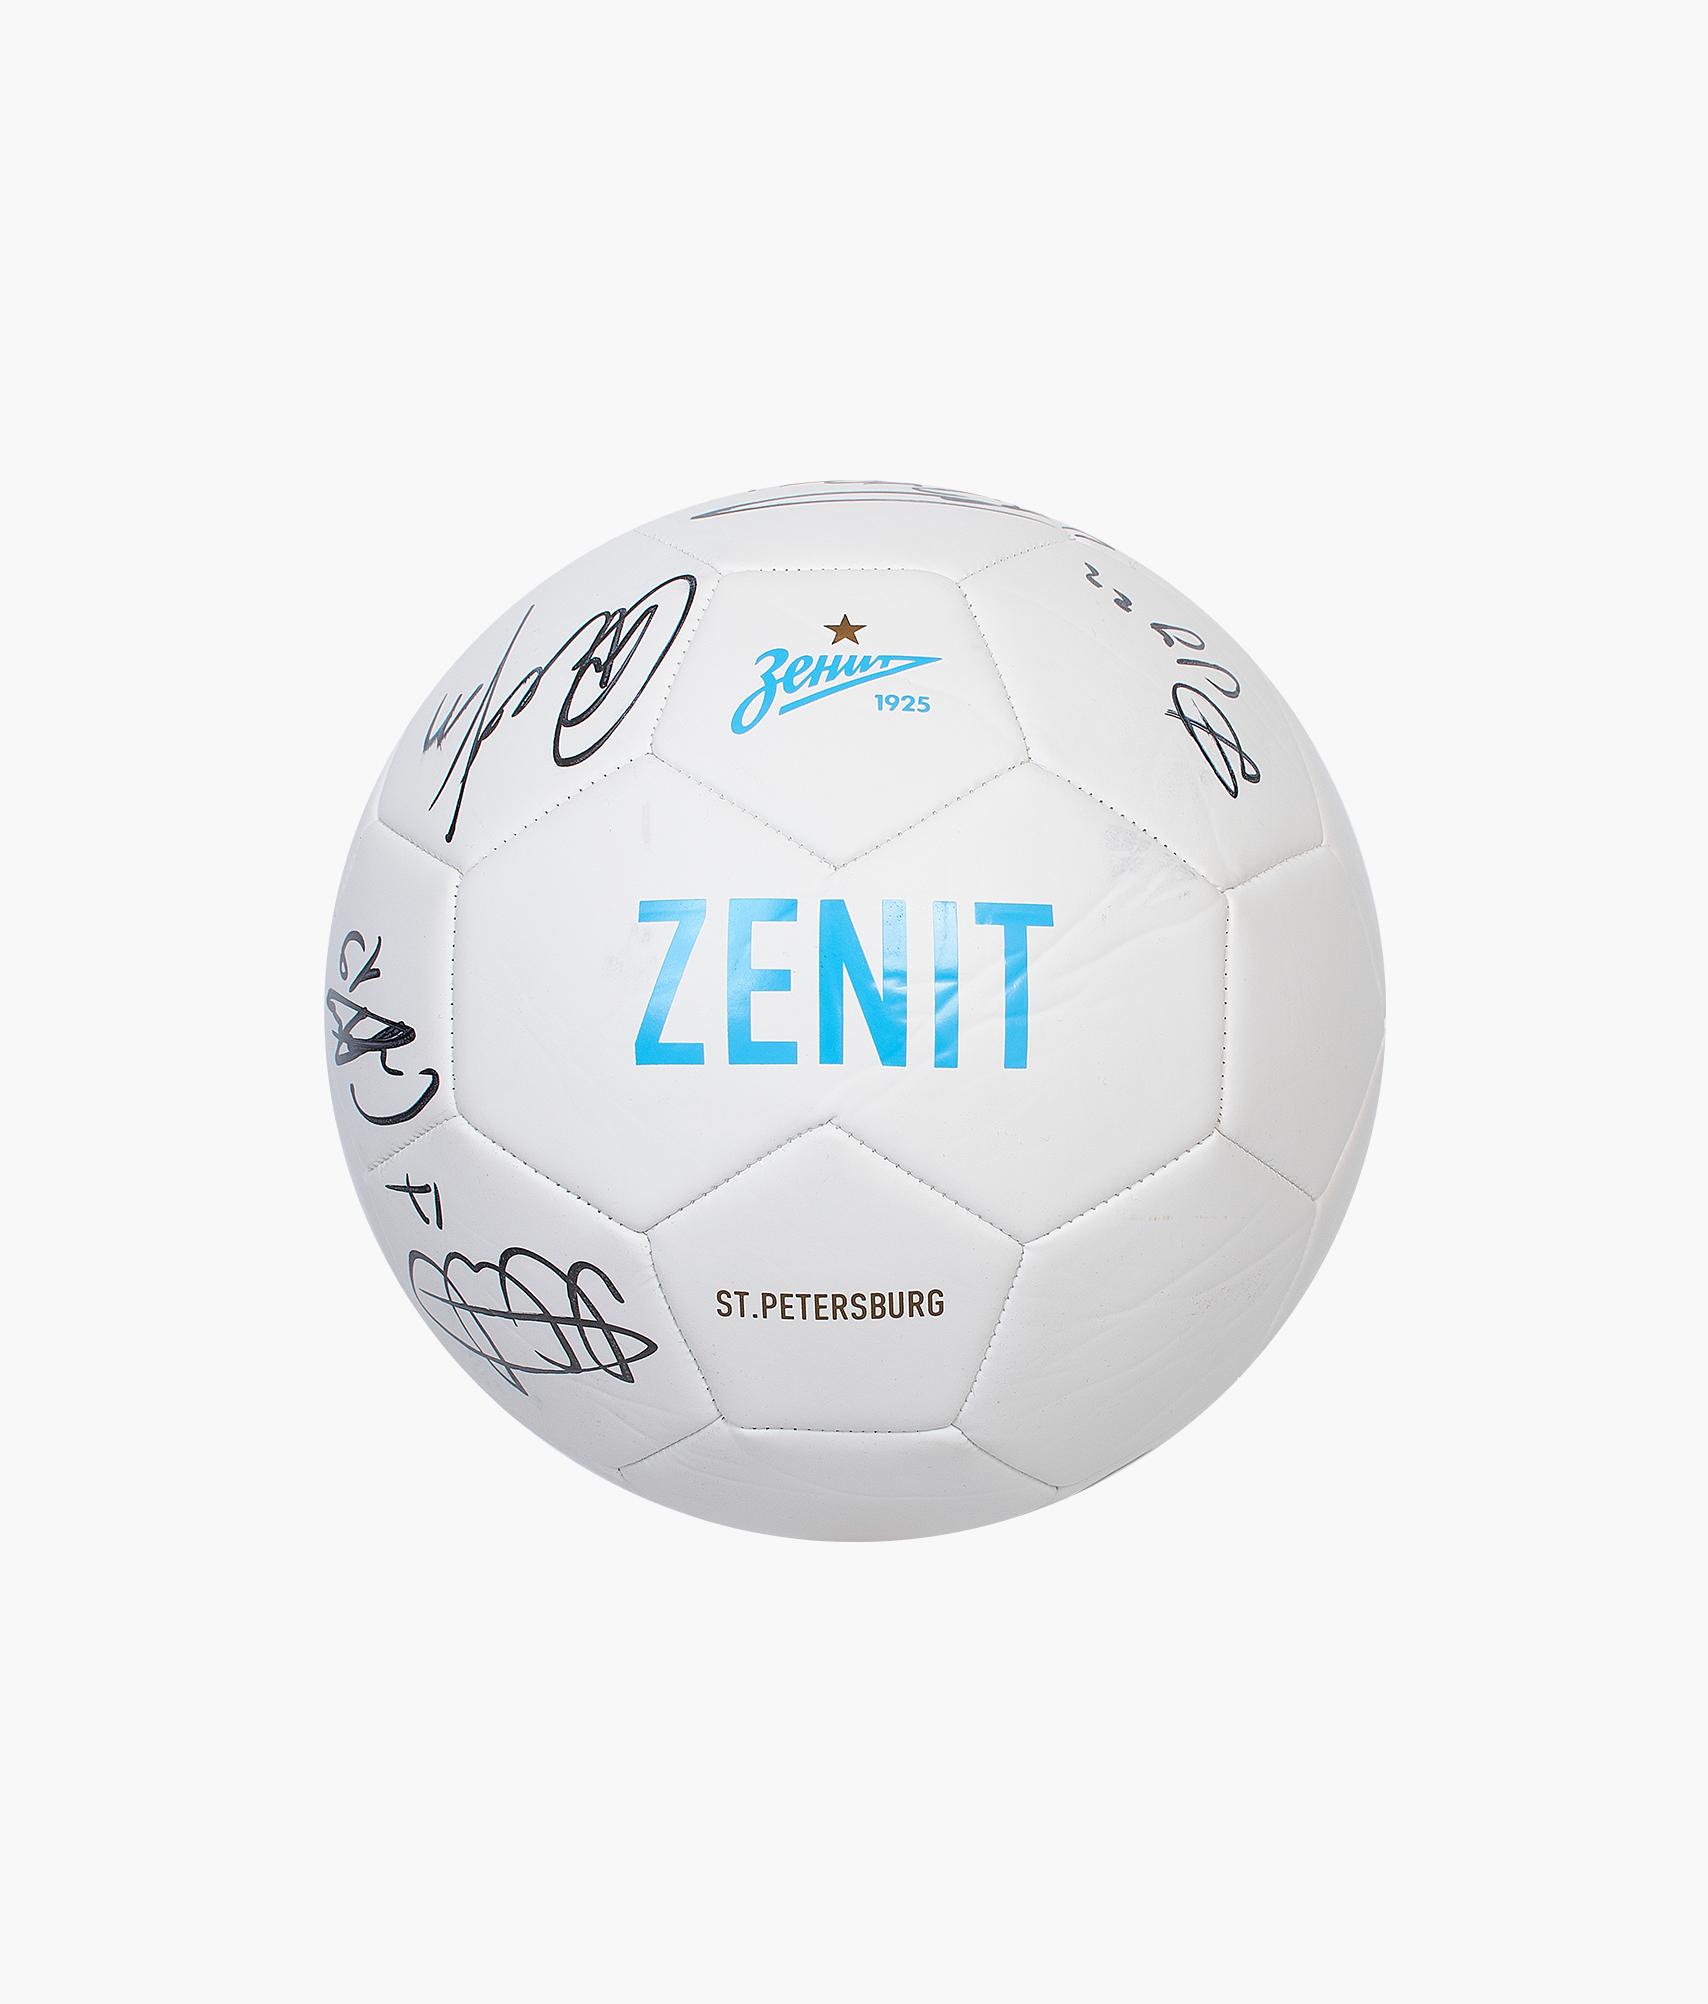 Мяч футбольный Nike с автографами (2018) Зенит мяч футбольный novus crystal р 4 бело сине красный